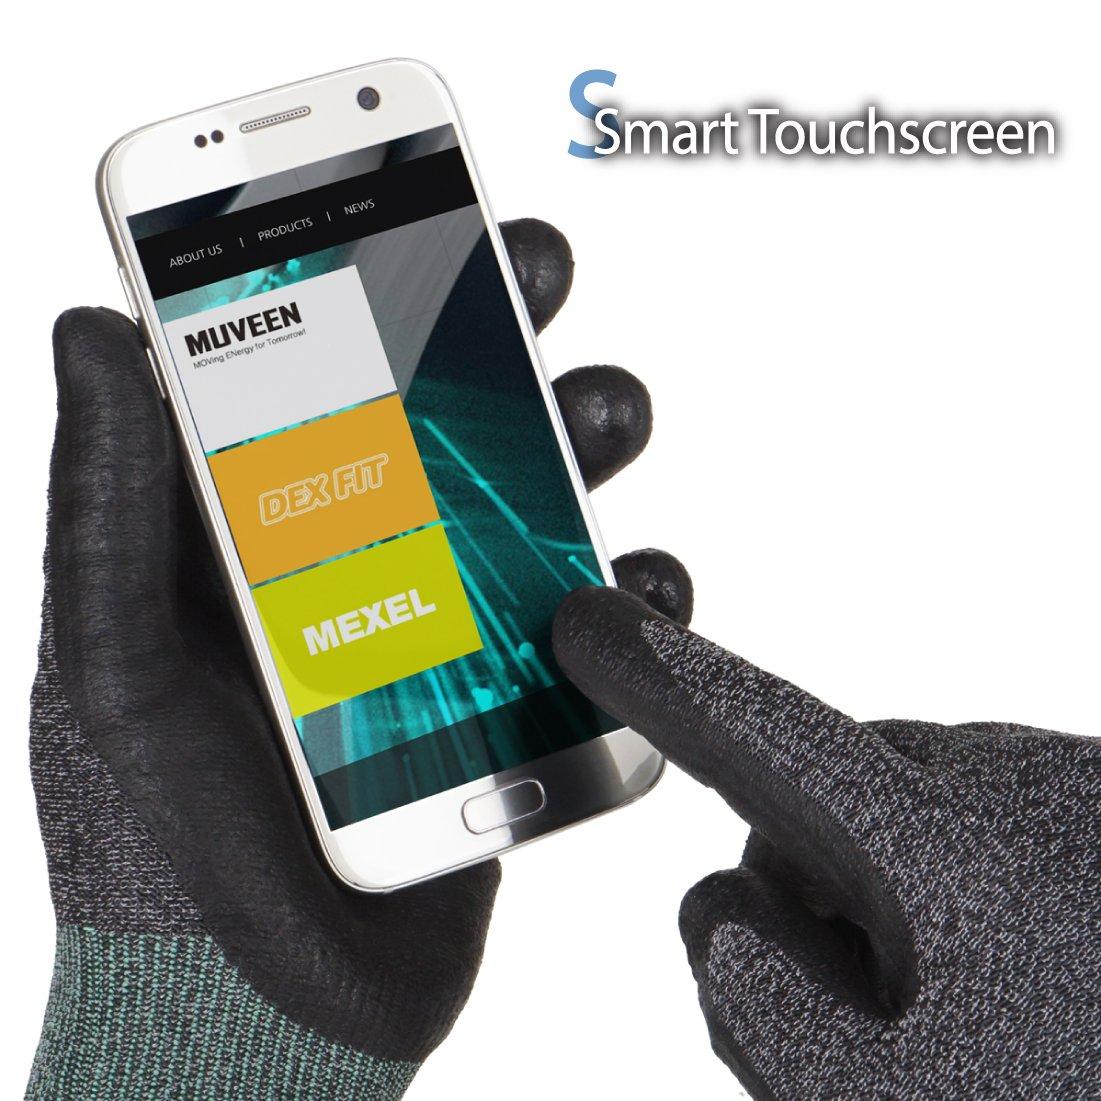 Smart Touch DEX FIT Guanti da lavoro FN330 Power Grip Grigio X-Grande 3 Pairs lavabile in lavatrice Schiuma di nitrile Durable sottile Nylon Spandex 3D Comfort Stretch Fit